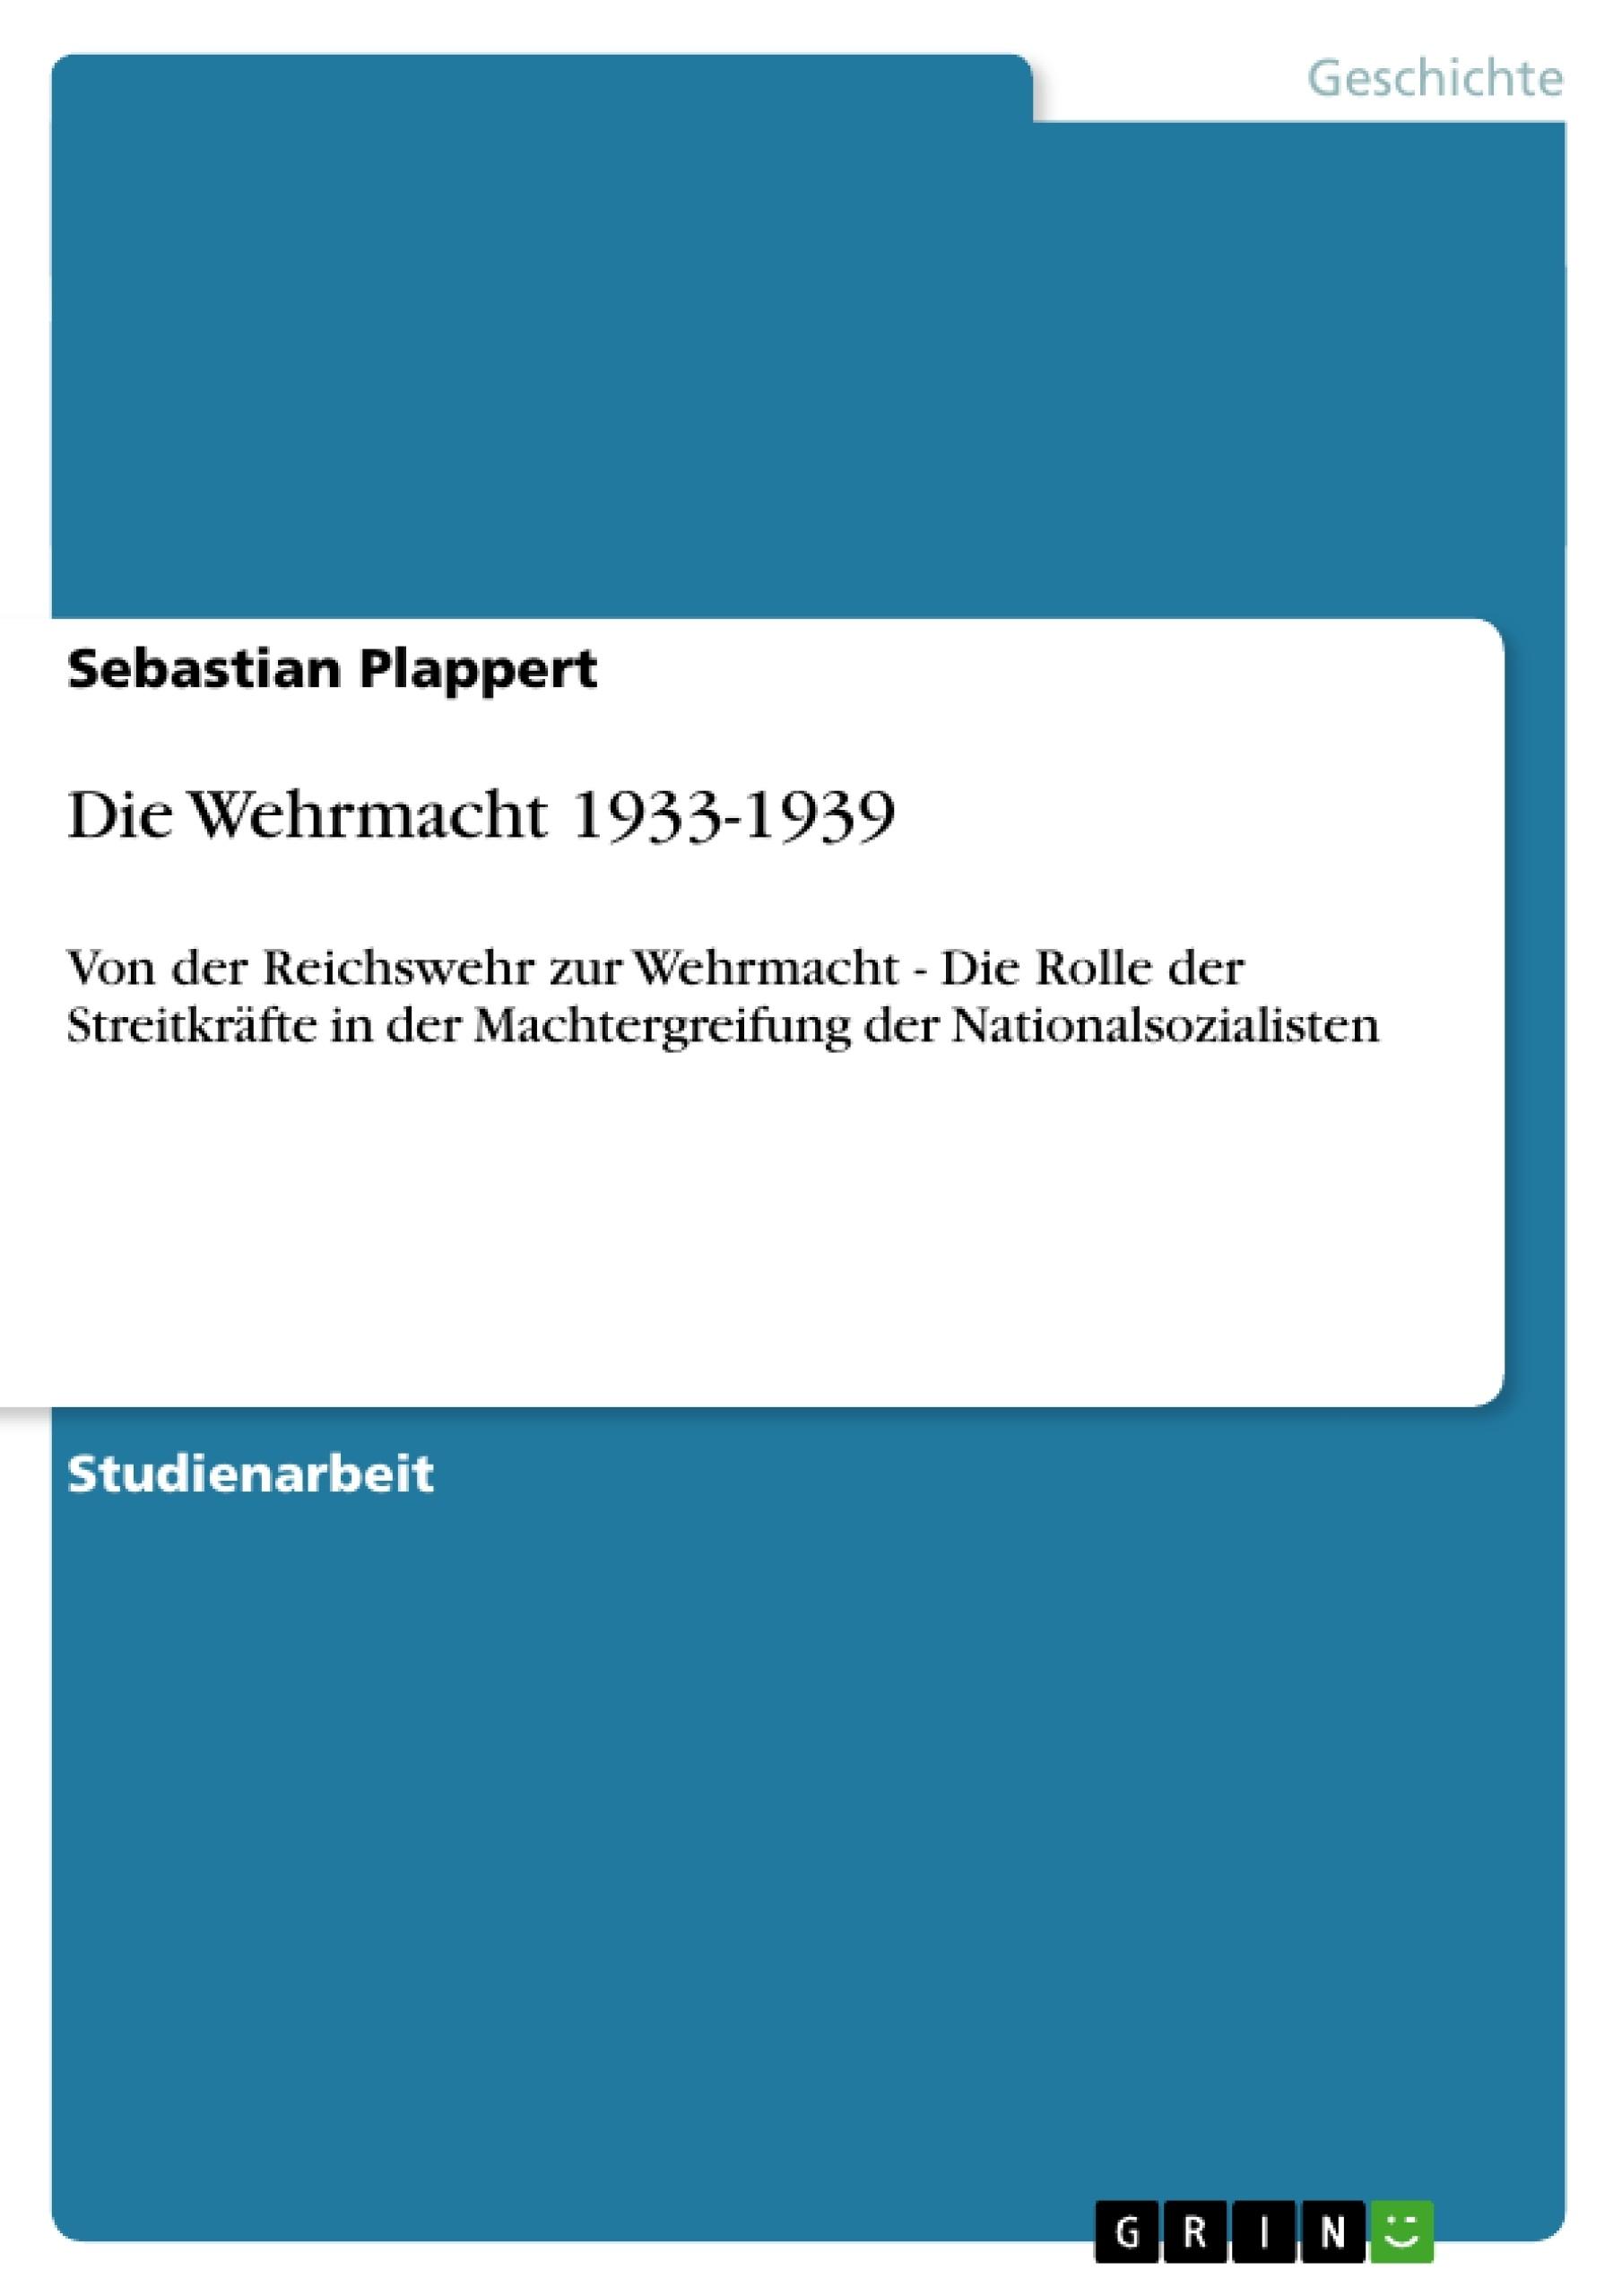 Titel: Die Wehrmacht 1933-1939